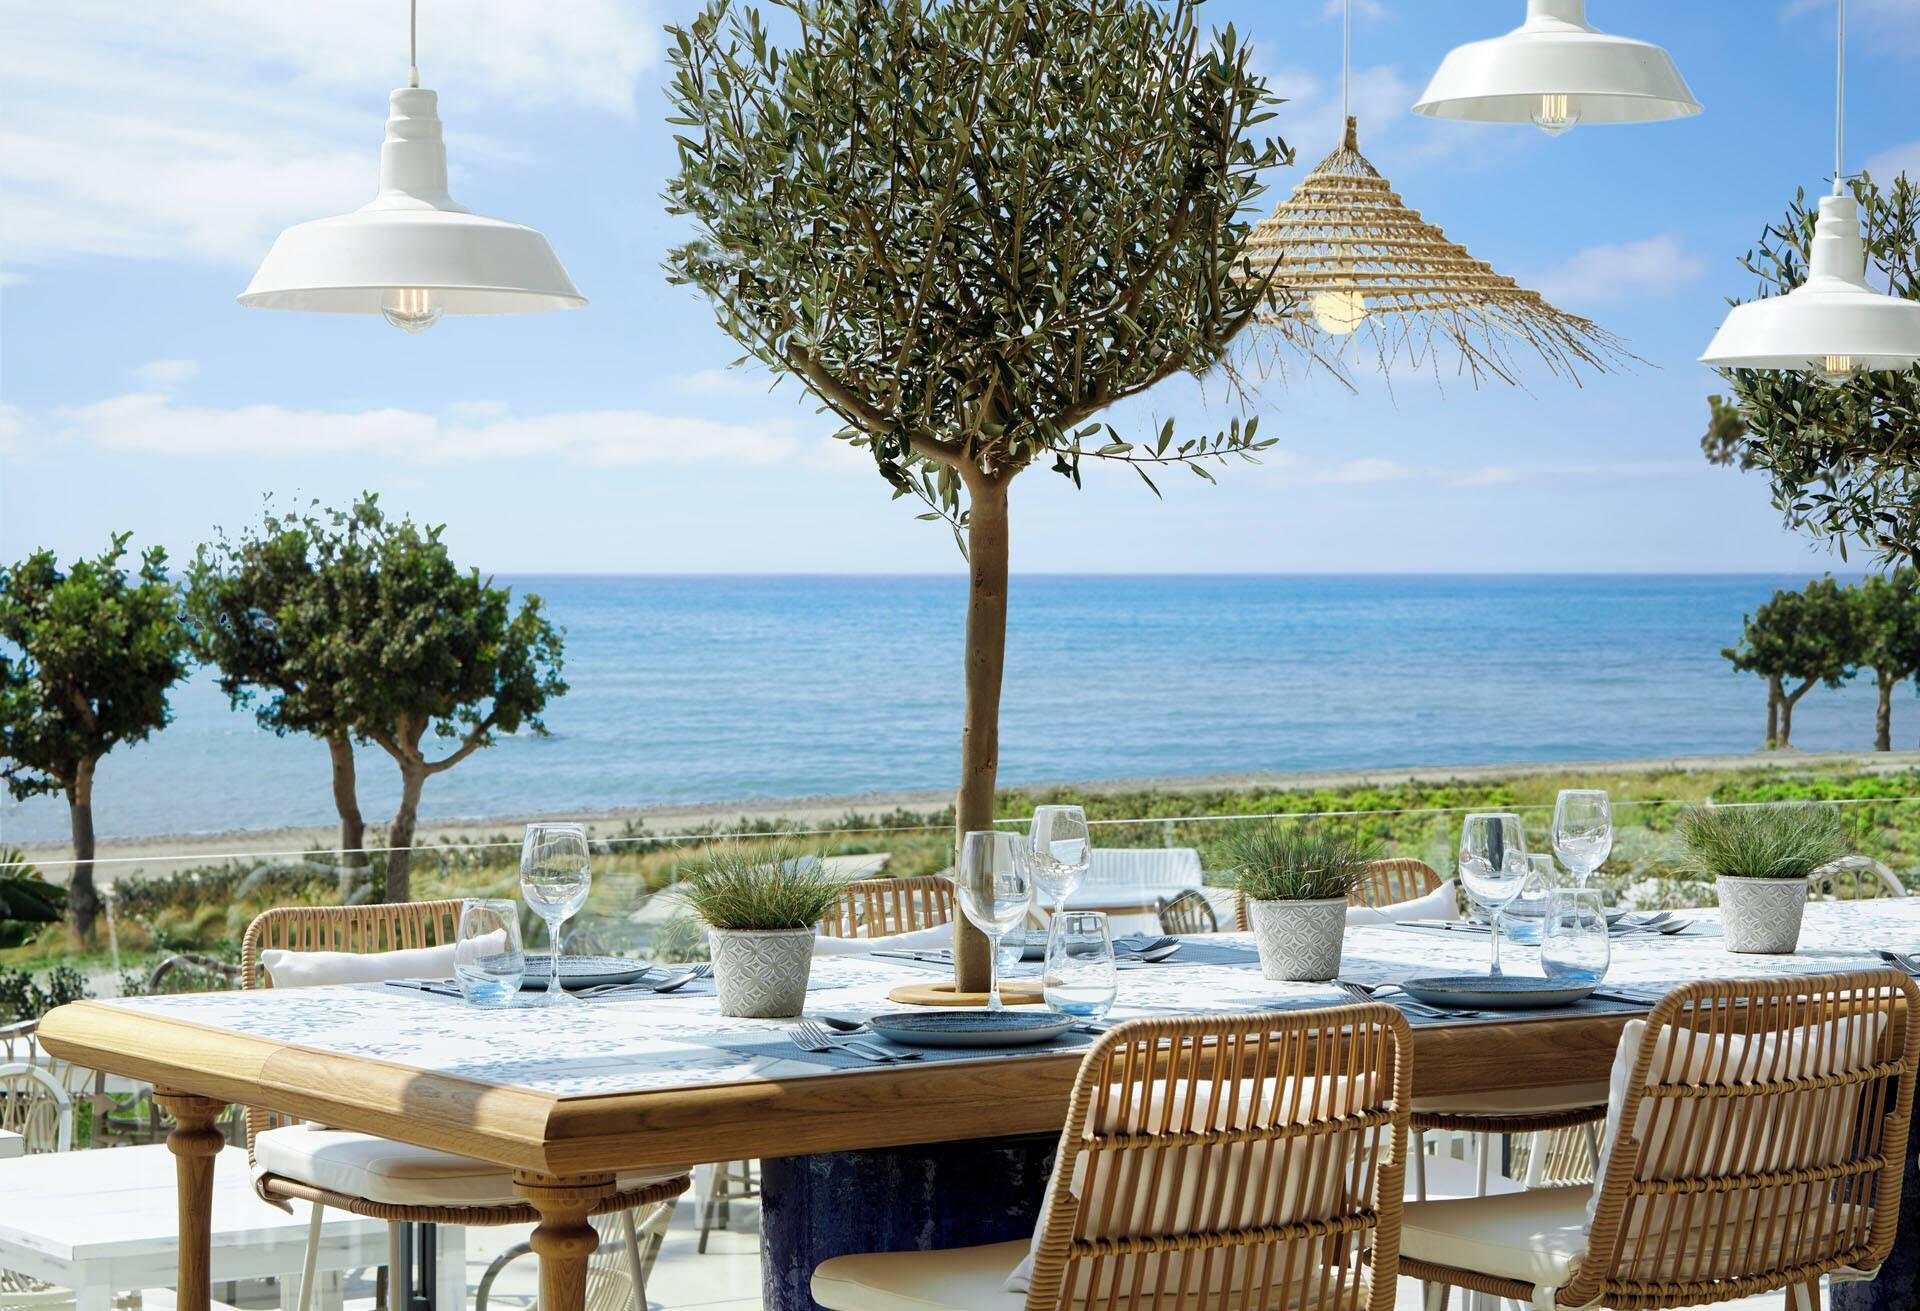 Ikos Andalusia Espagne Ouzo Restaurant Terrasse